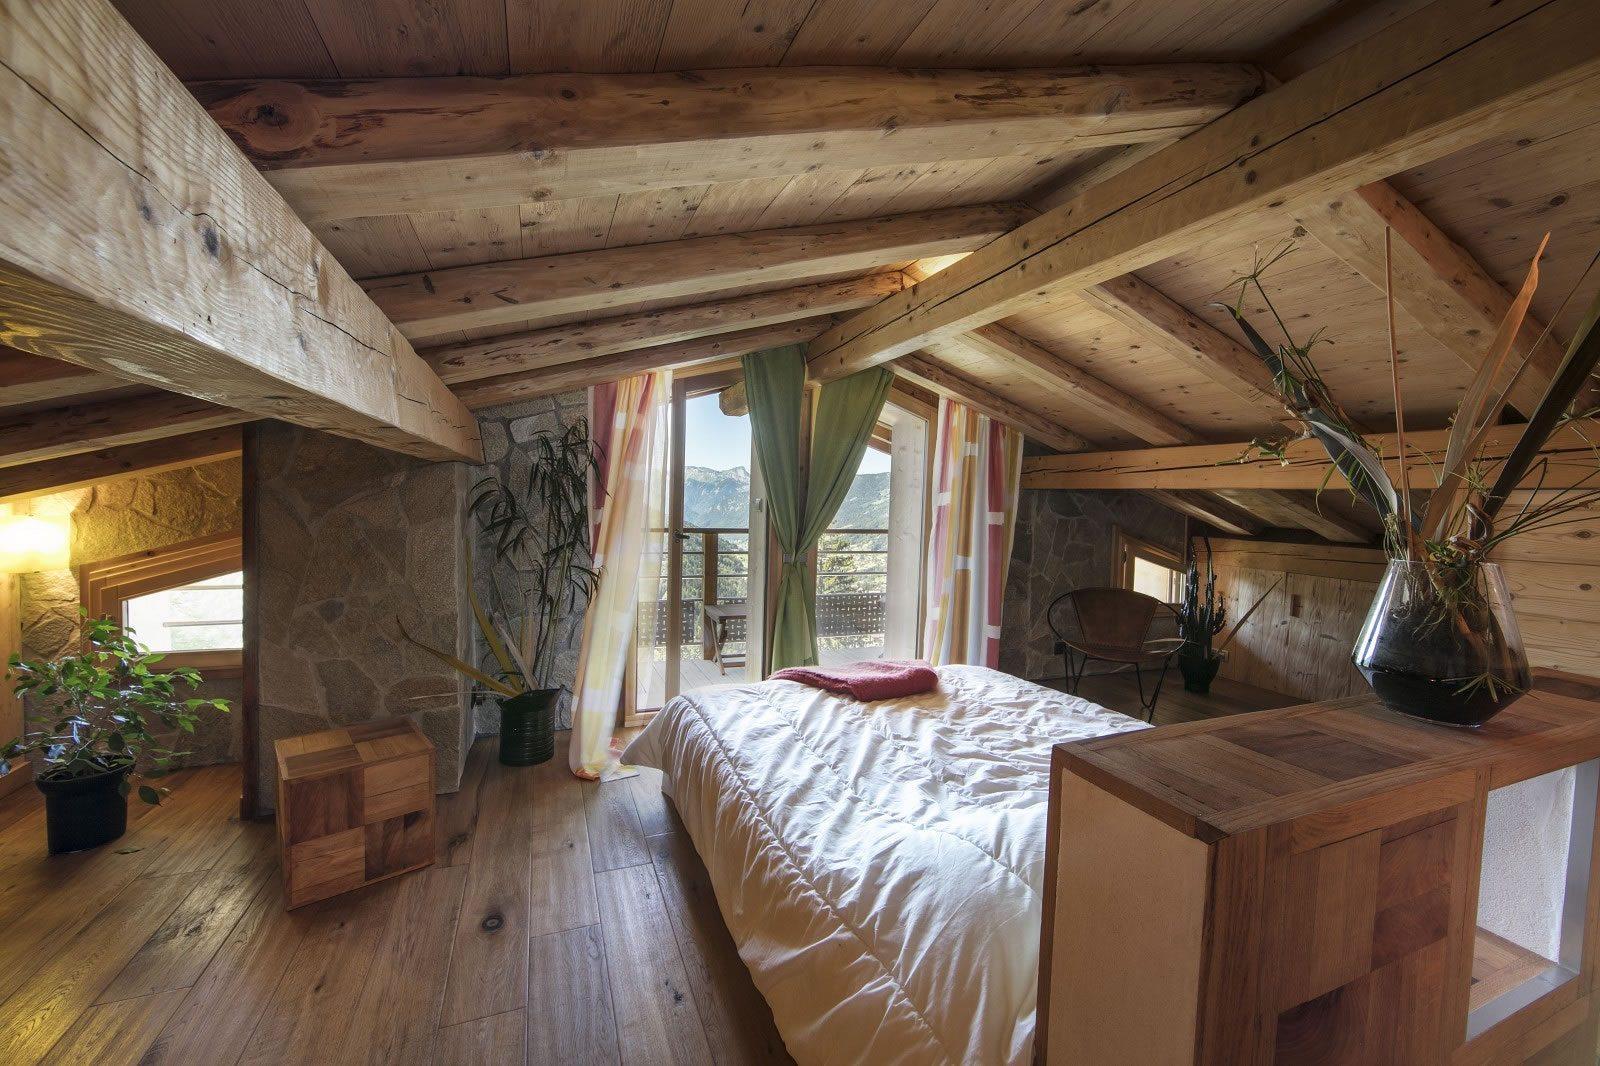 magnifique chalet de 300 m2 divis en 3 appartements vendre dans la vall e des aravis annecy. Black Bedroom Furniture Sets. Home Design Ideas